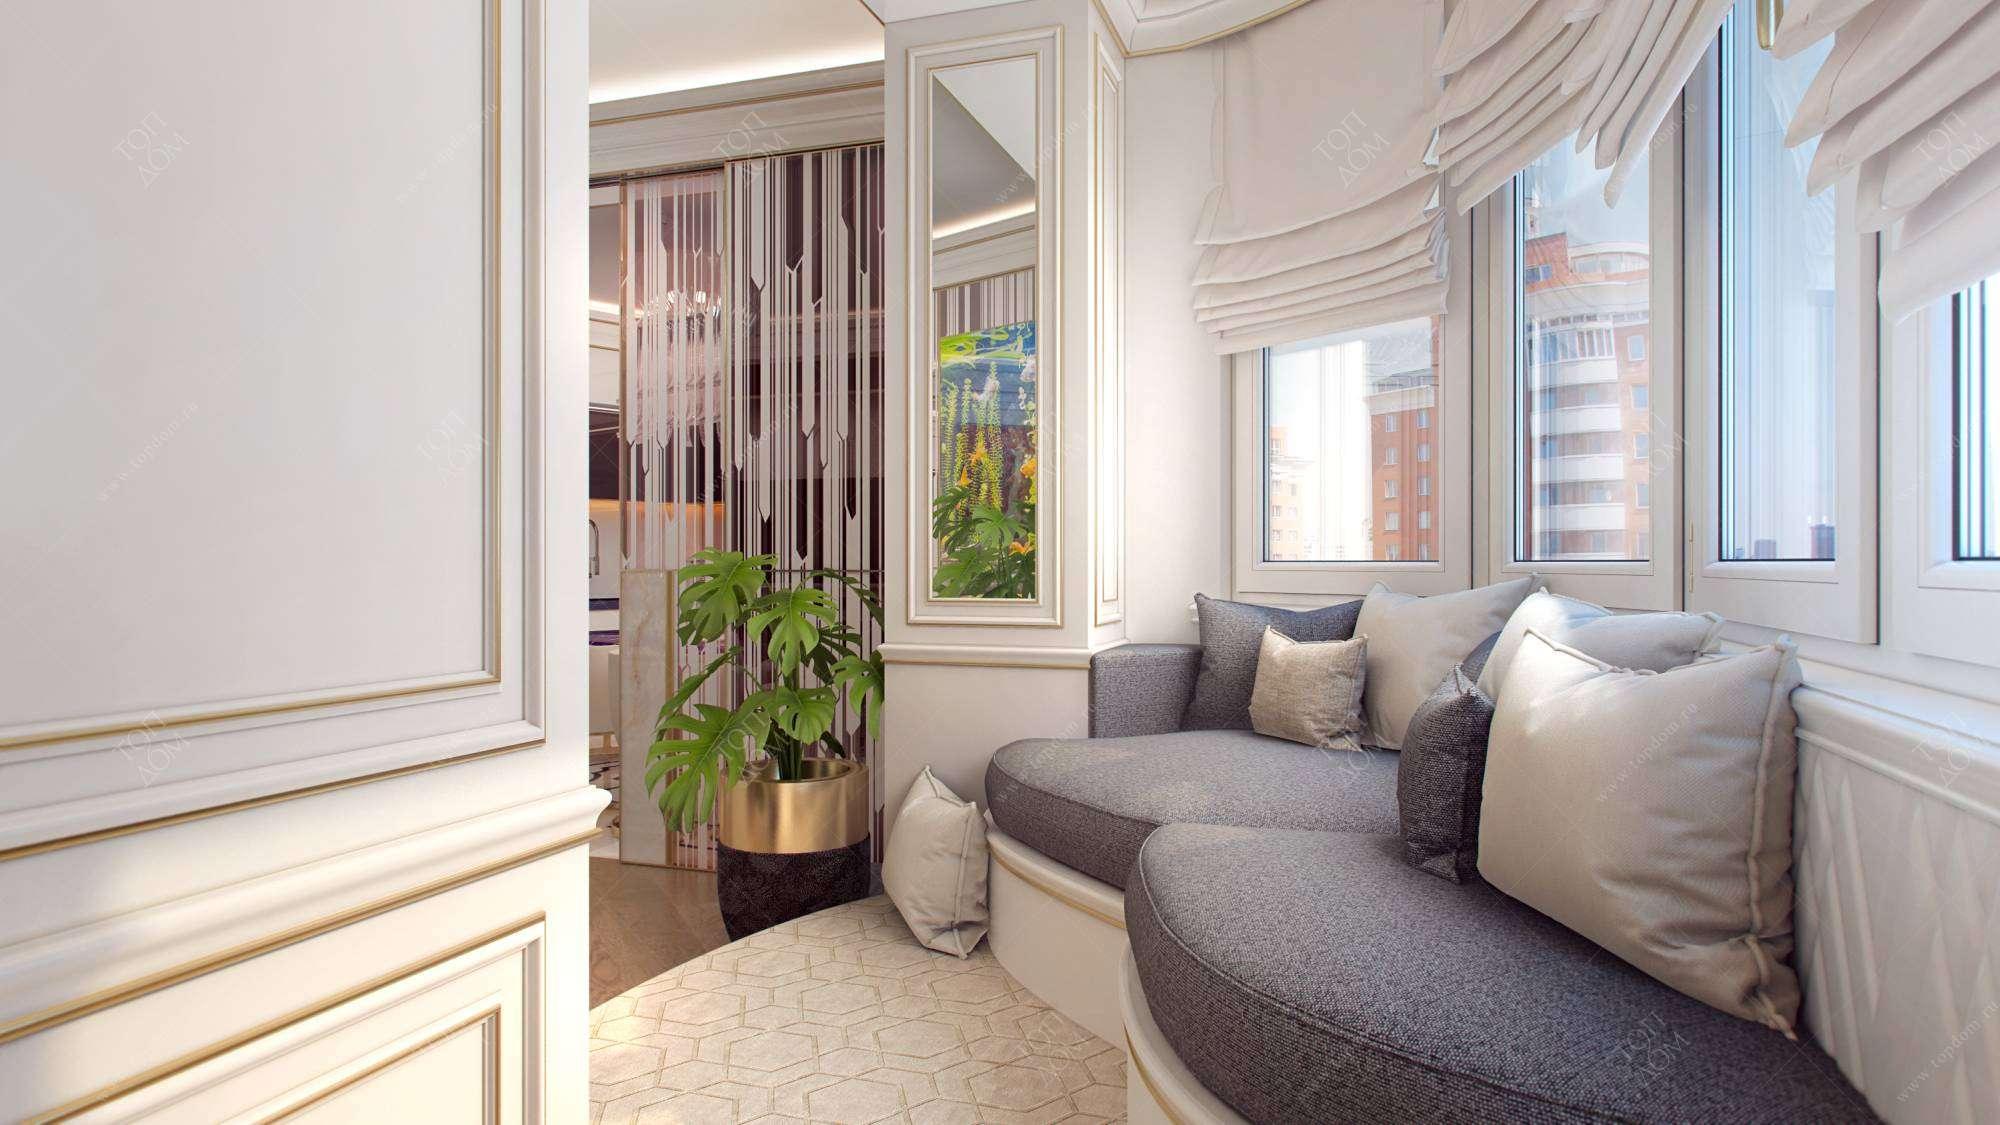 Дизайн интерьера балкона (лоджии) в квартирах.